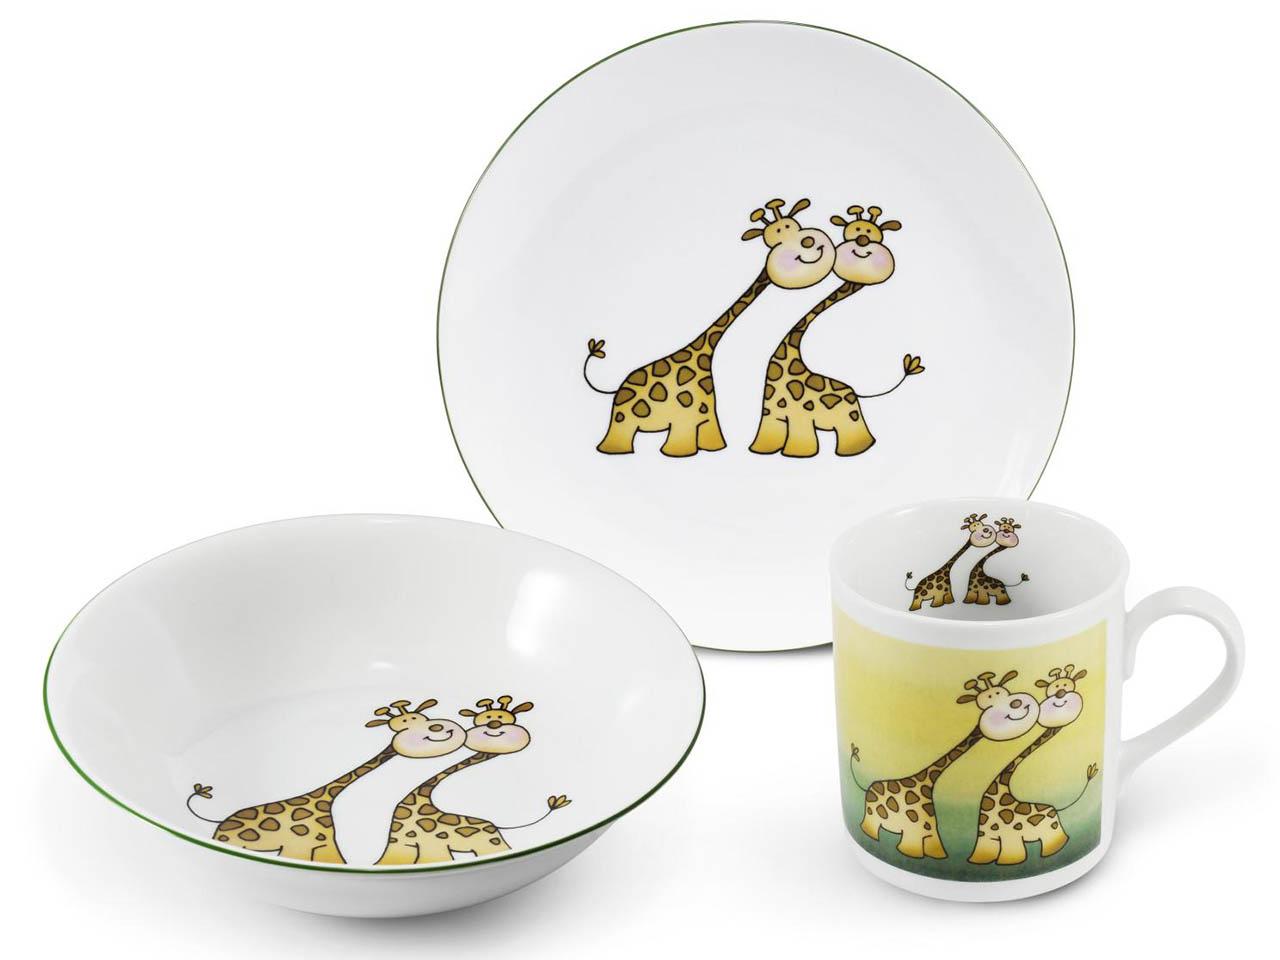 Фото Детский набор посуды Жирафы, 3 предмета